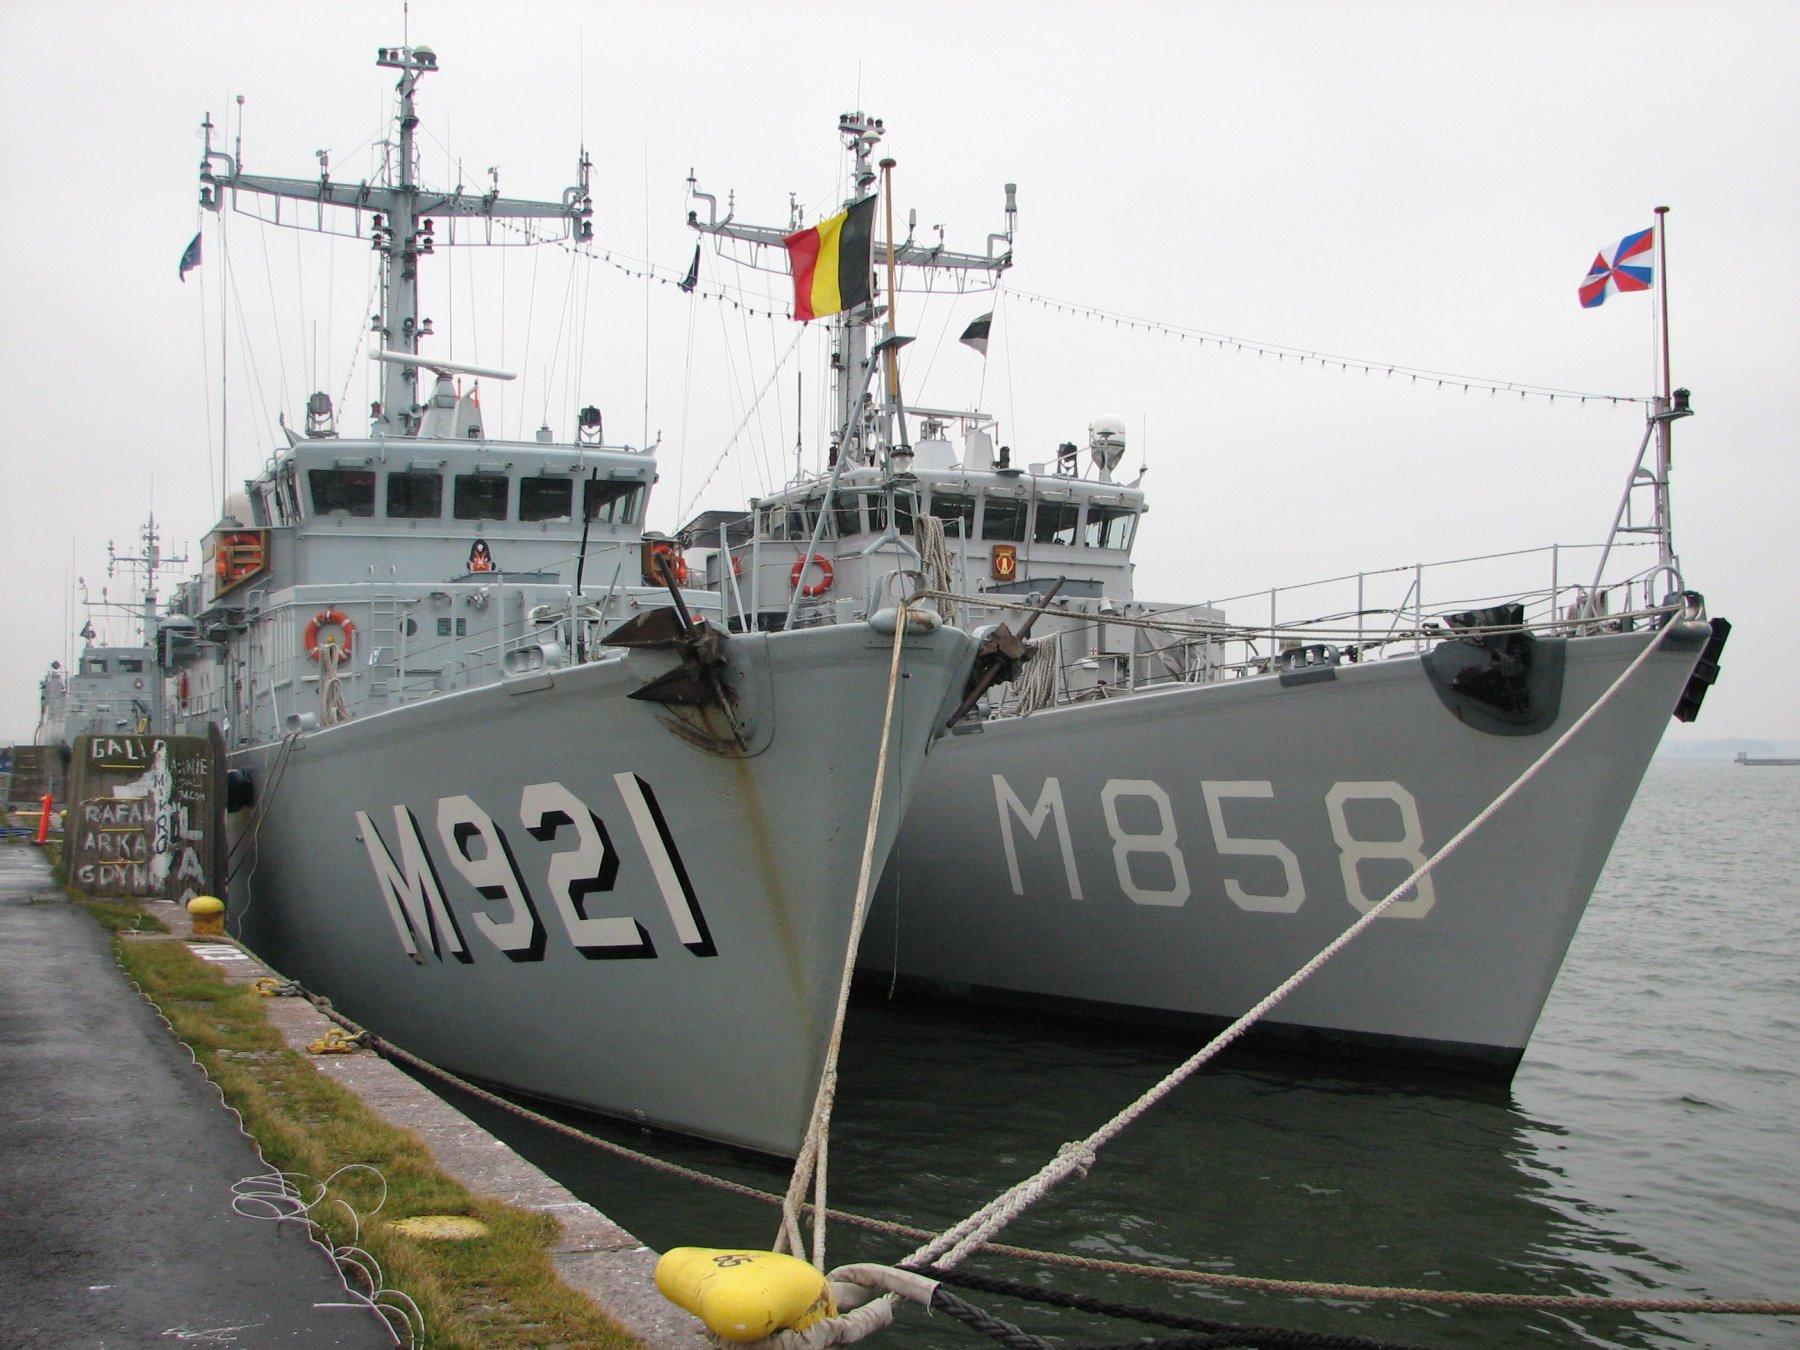 M921 Lobelia 136349